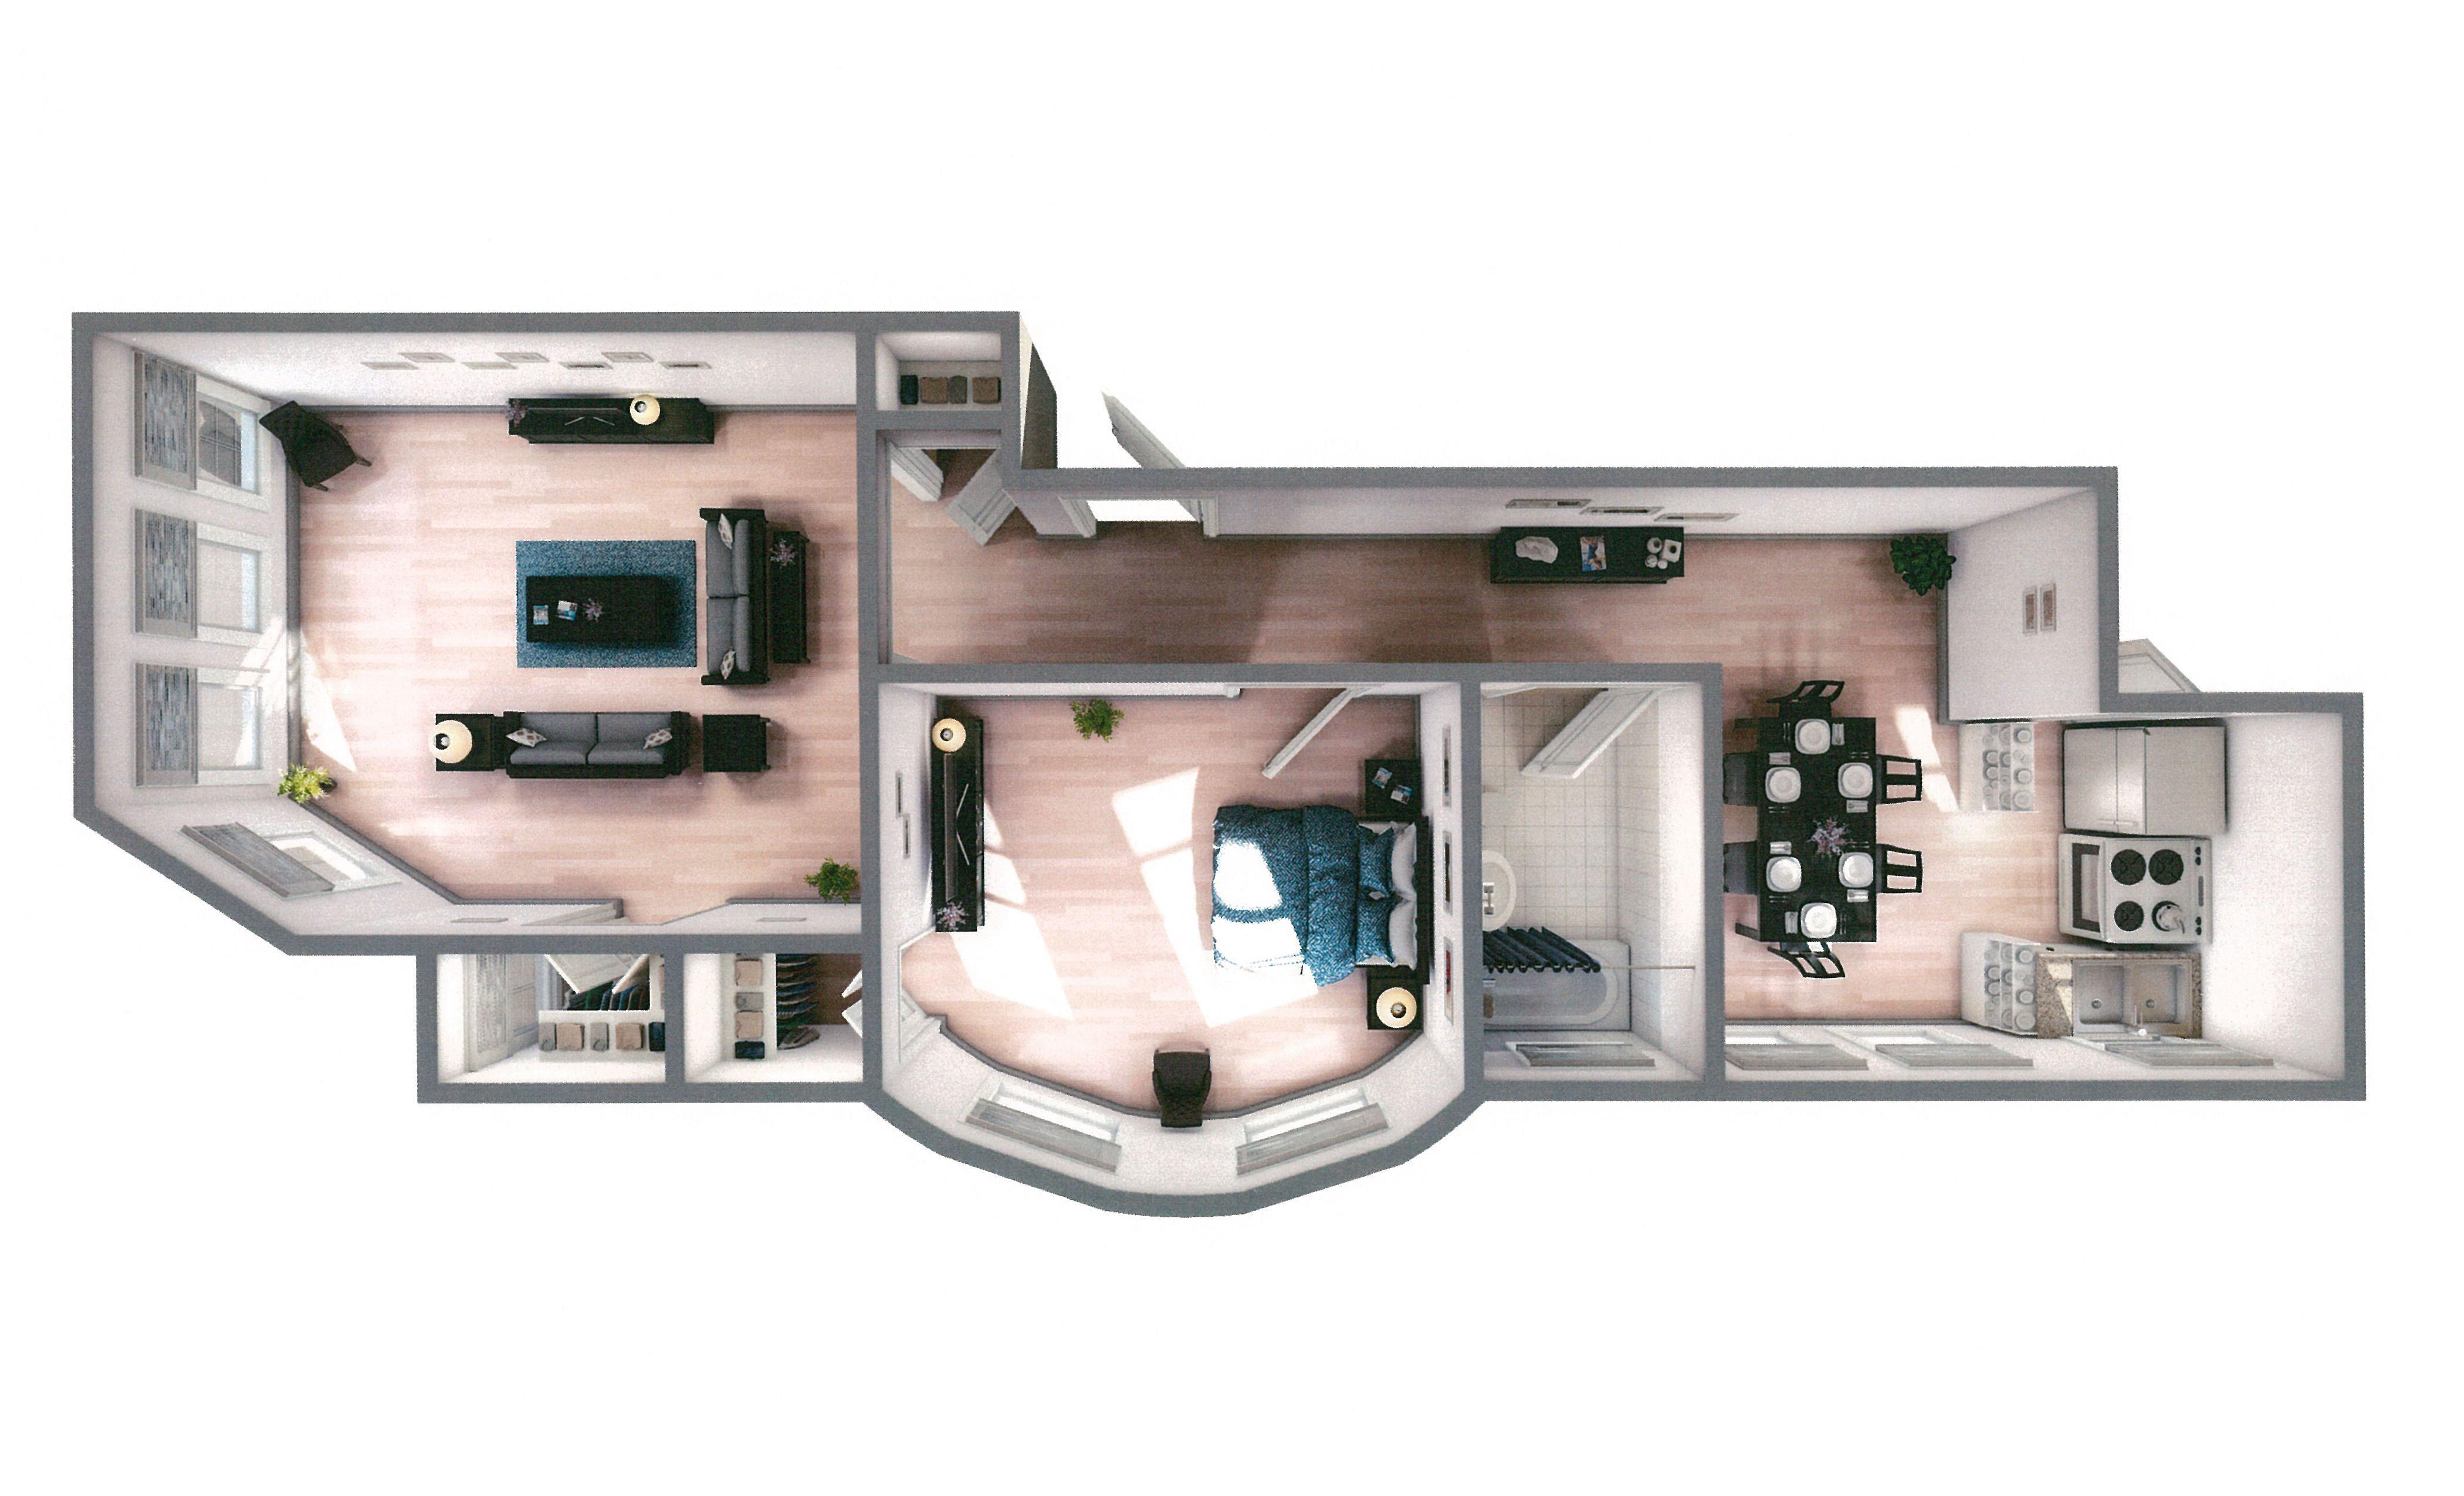 4918 N. Wolcott - 3D